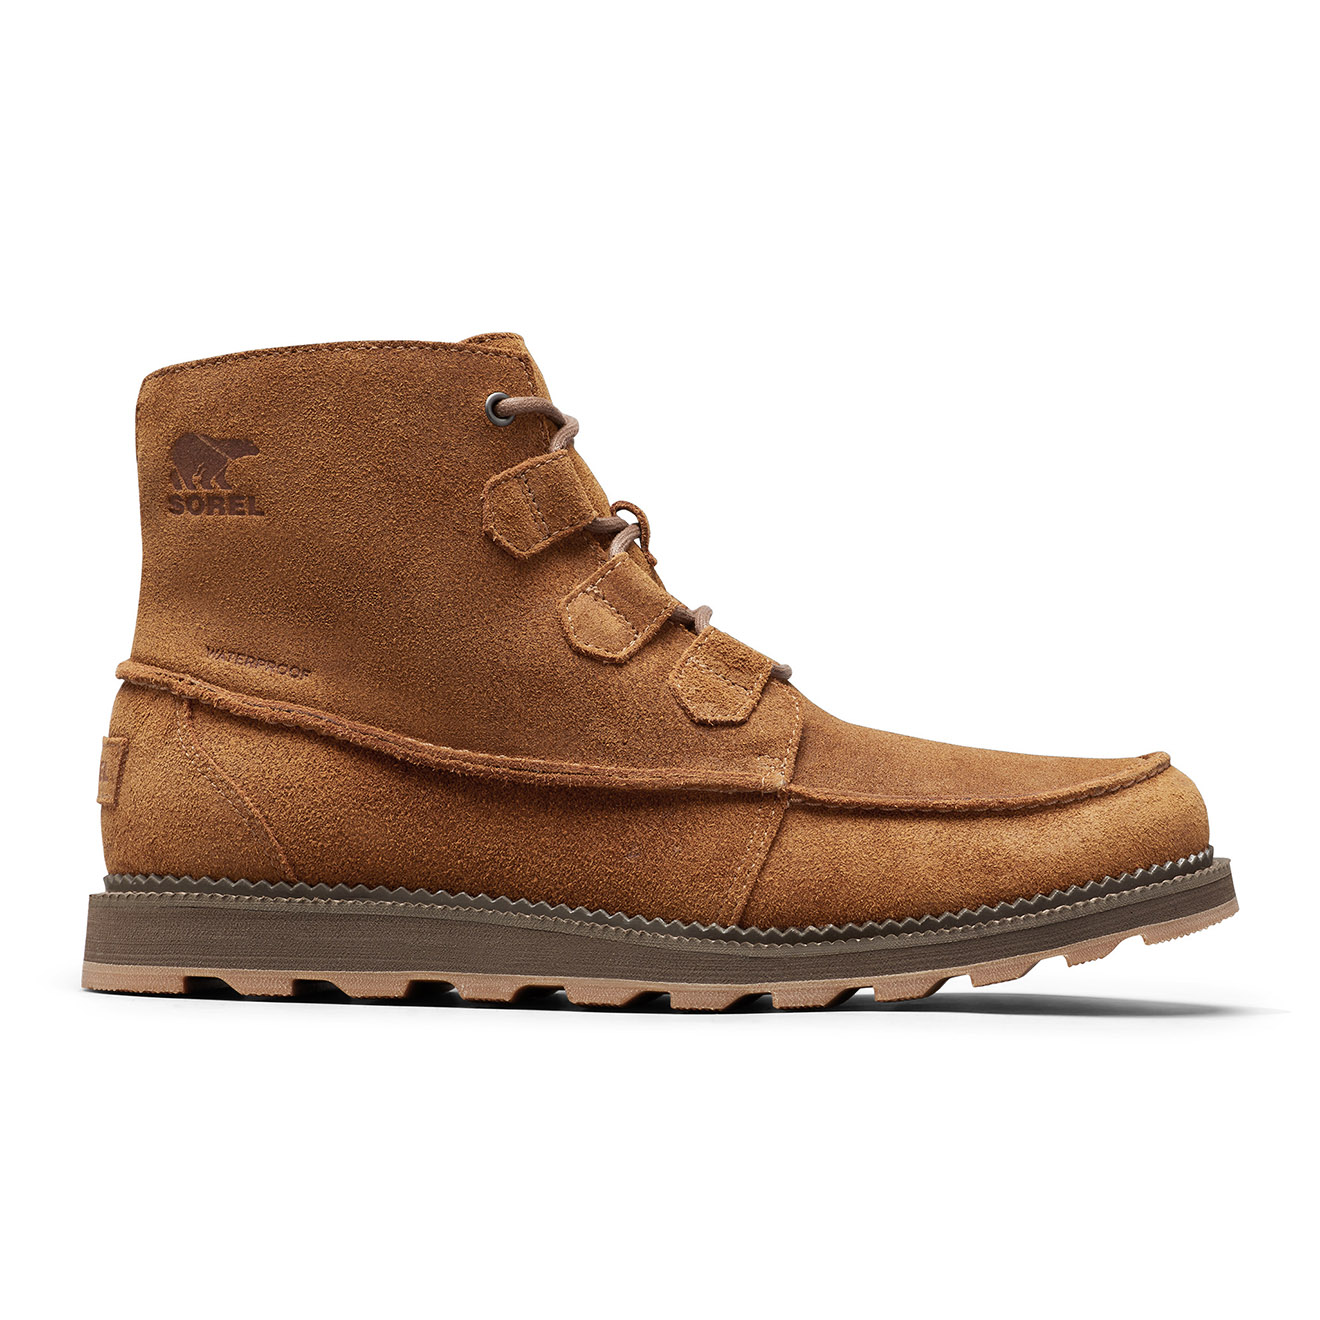 Chaussures imperméables en Velours de Cuir Madson - Sorel - Modalova